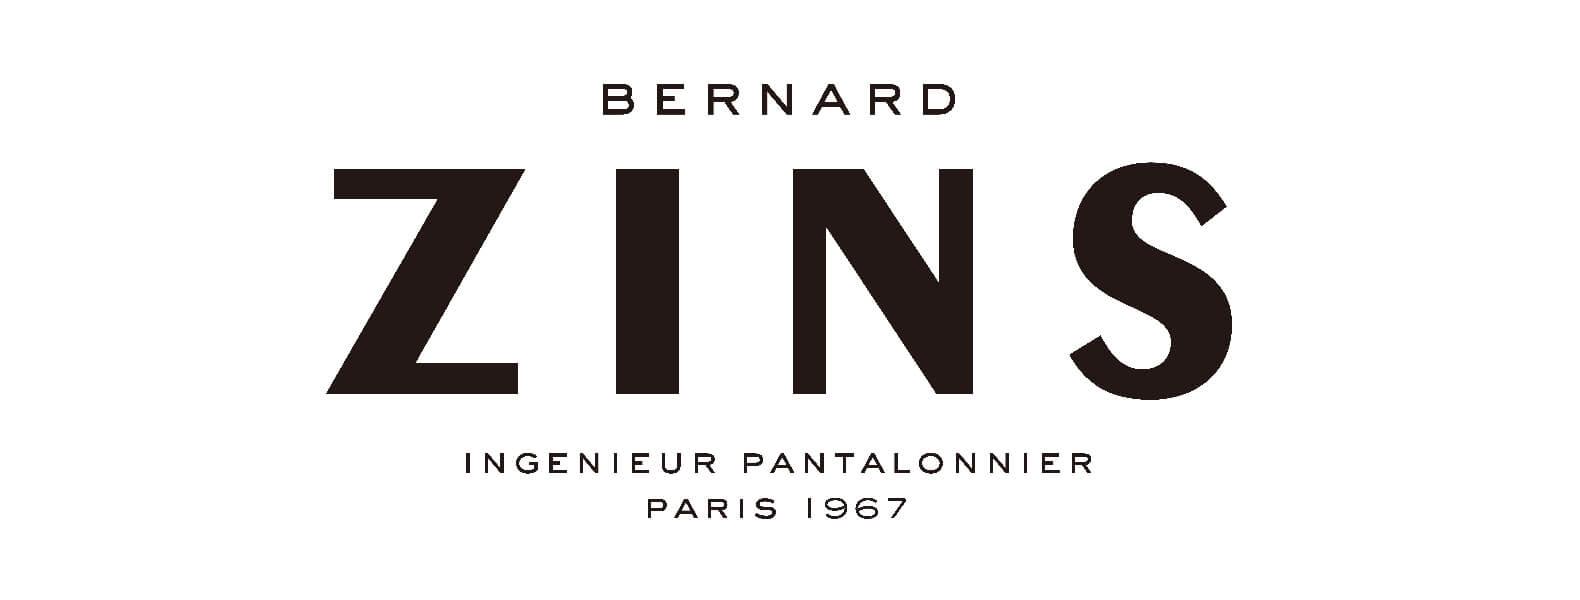 BERNARD ZINS